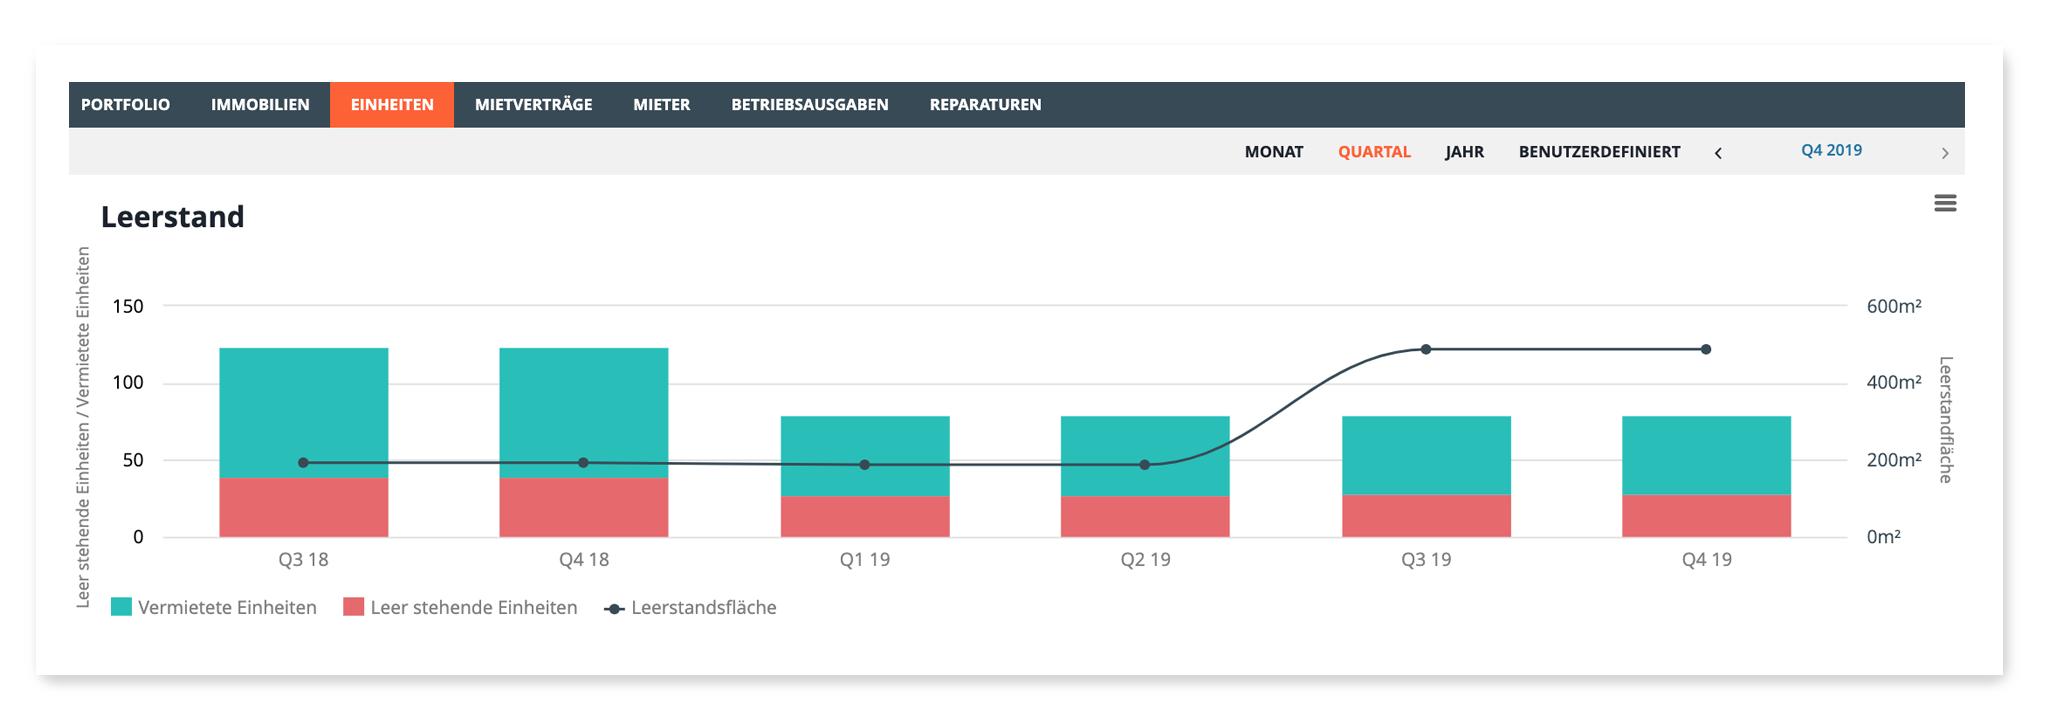 KPI Asset Management: Leerstandsquote visualisiert